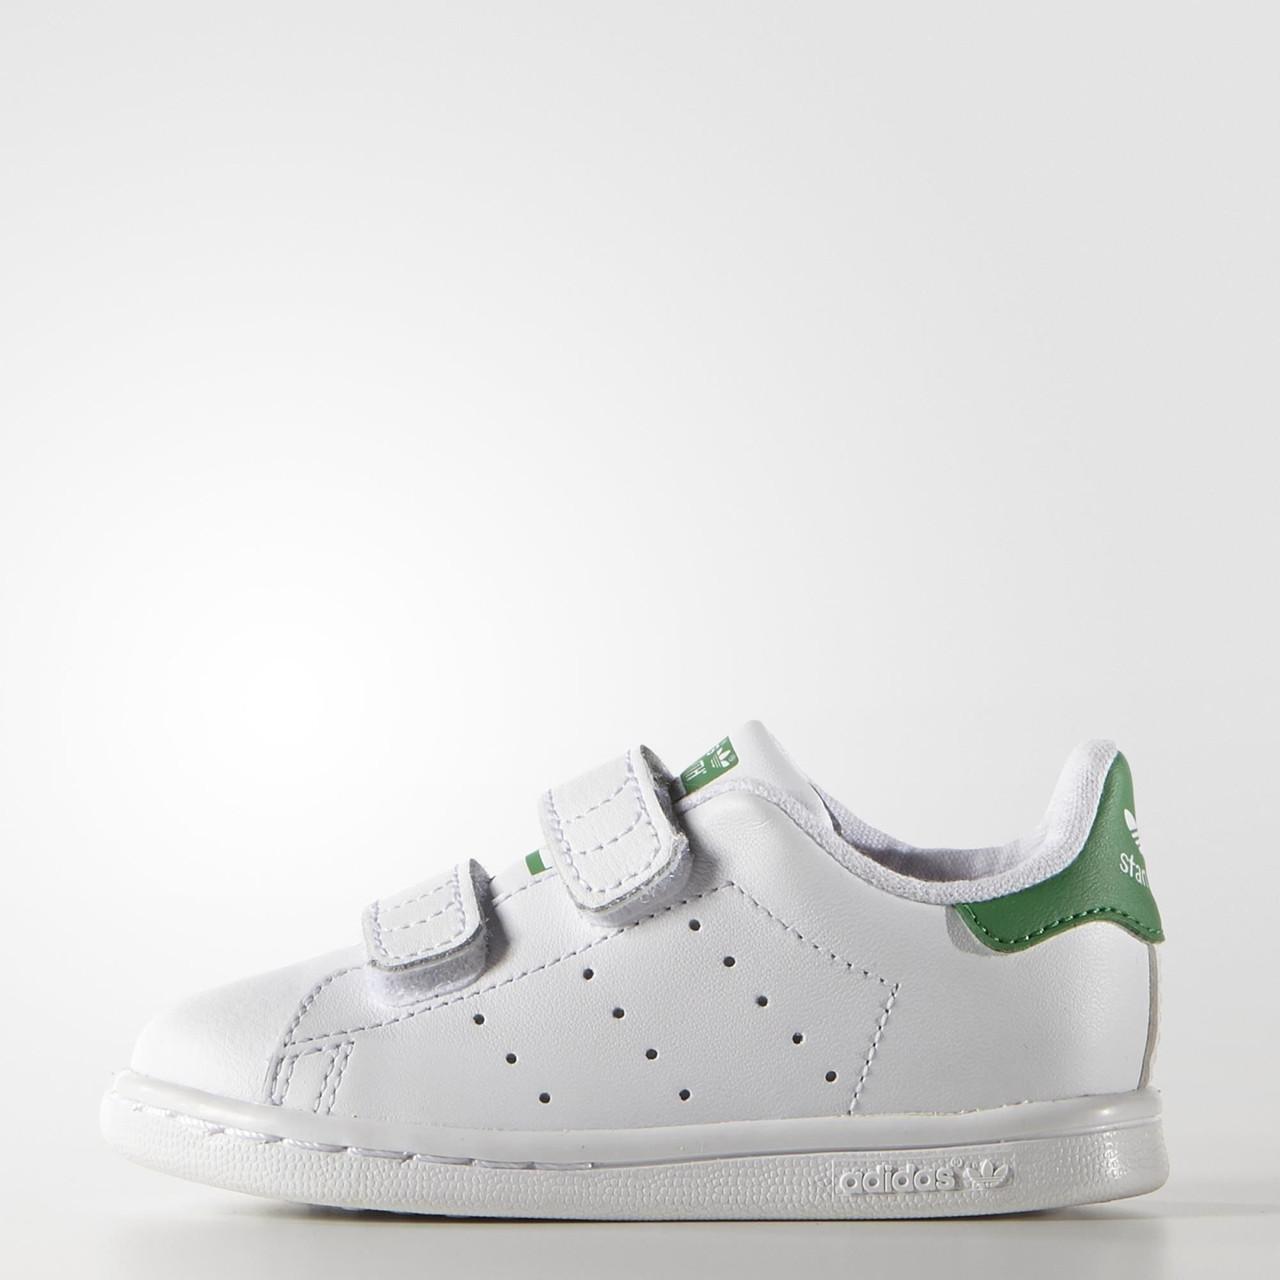 5e4b6042 Детские кроссовки Adidas Stan Smith (Артикул: AF5420) - Интернет-магазин  «Эксперт